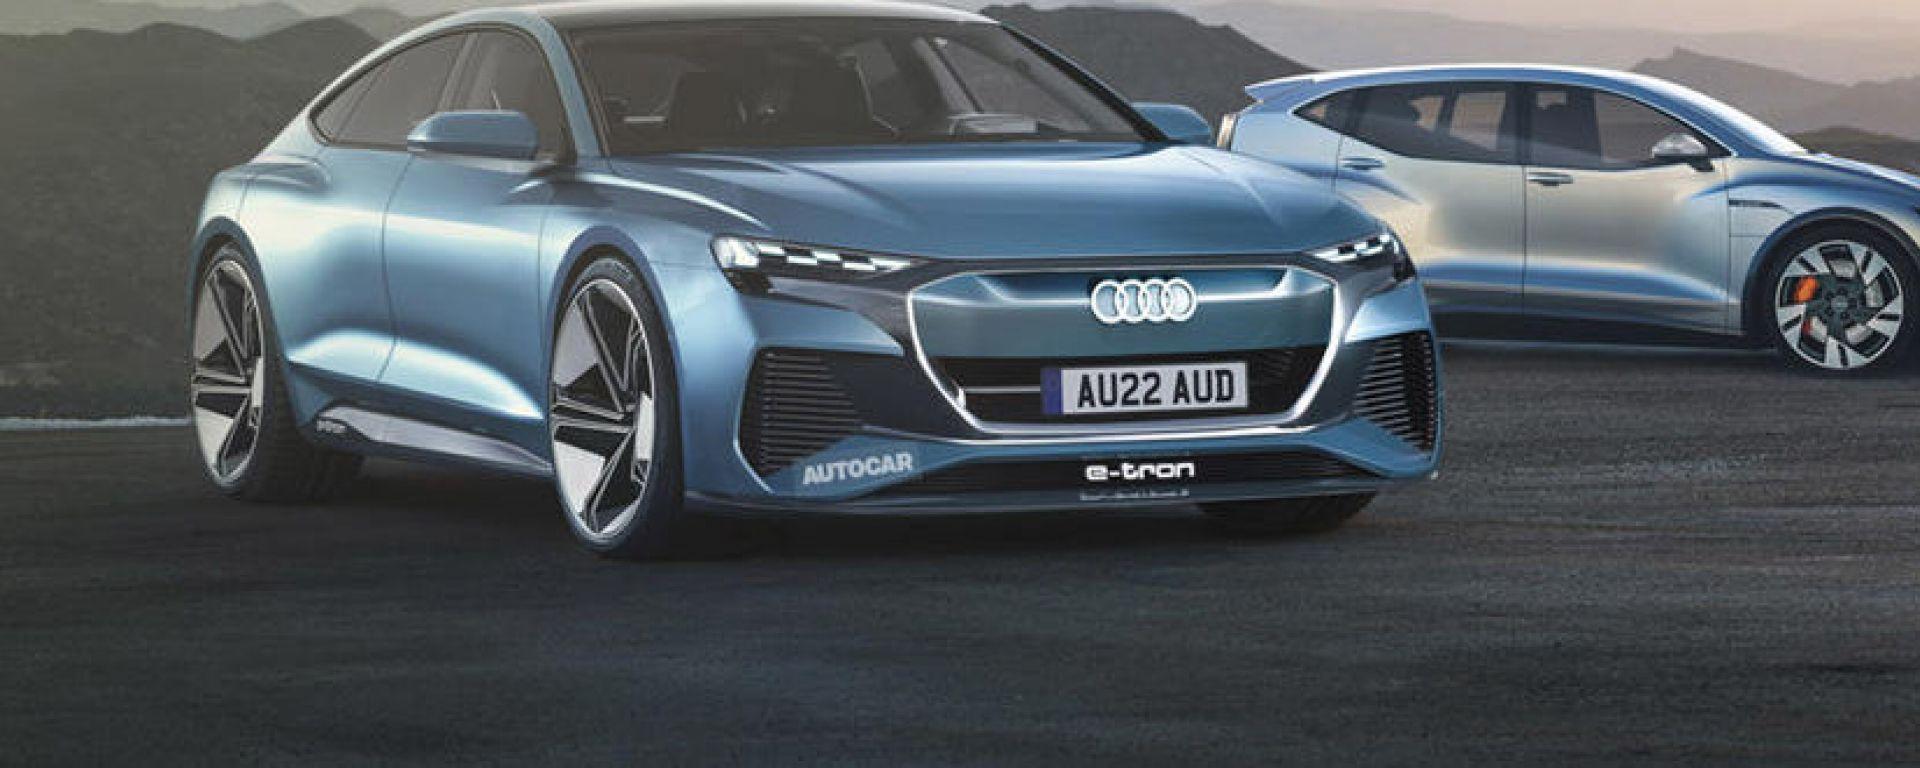 Audi A9 e-tron, nel 2024 l'elettrica rivale di Mercedes EQS?